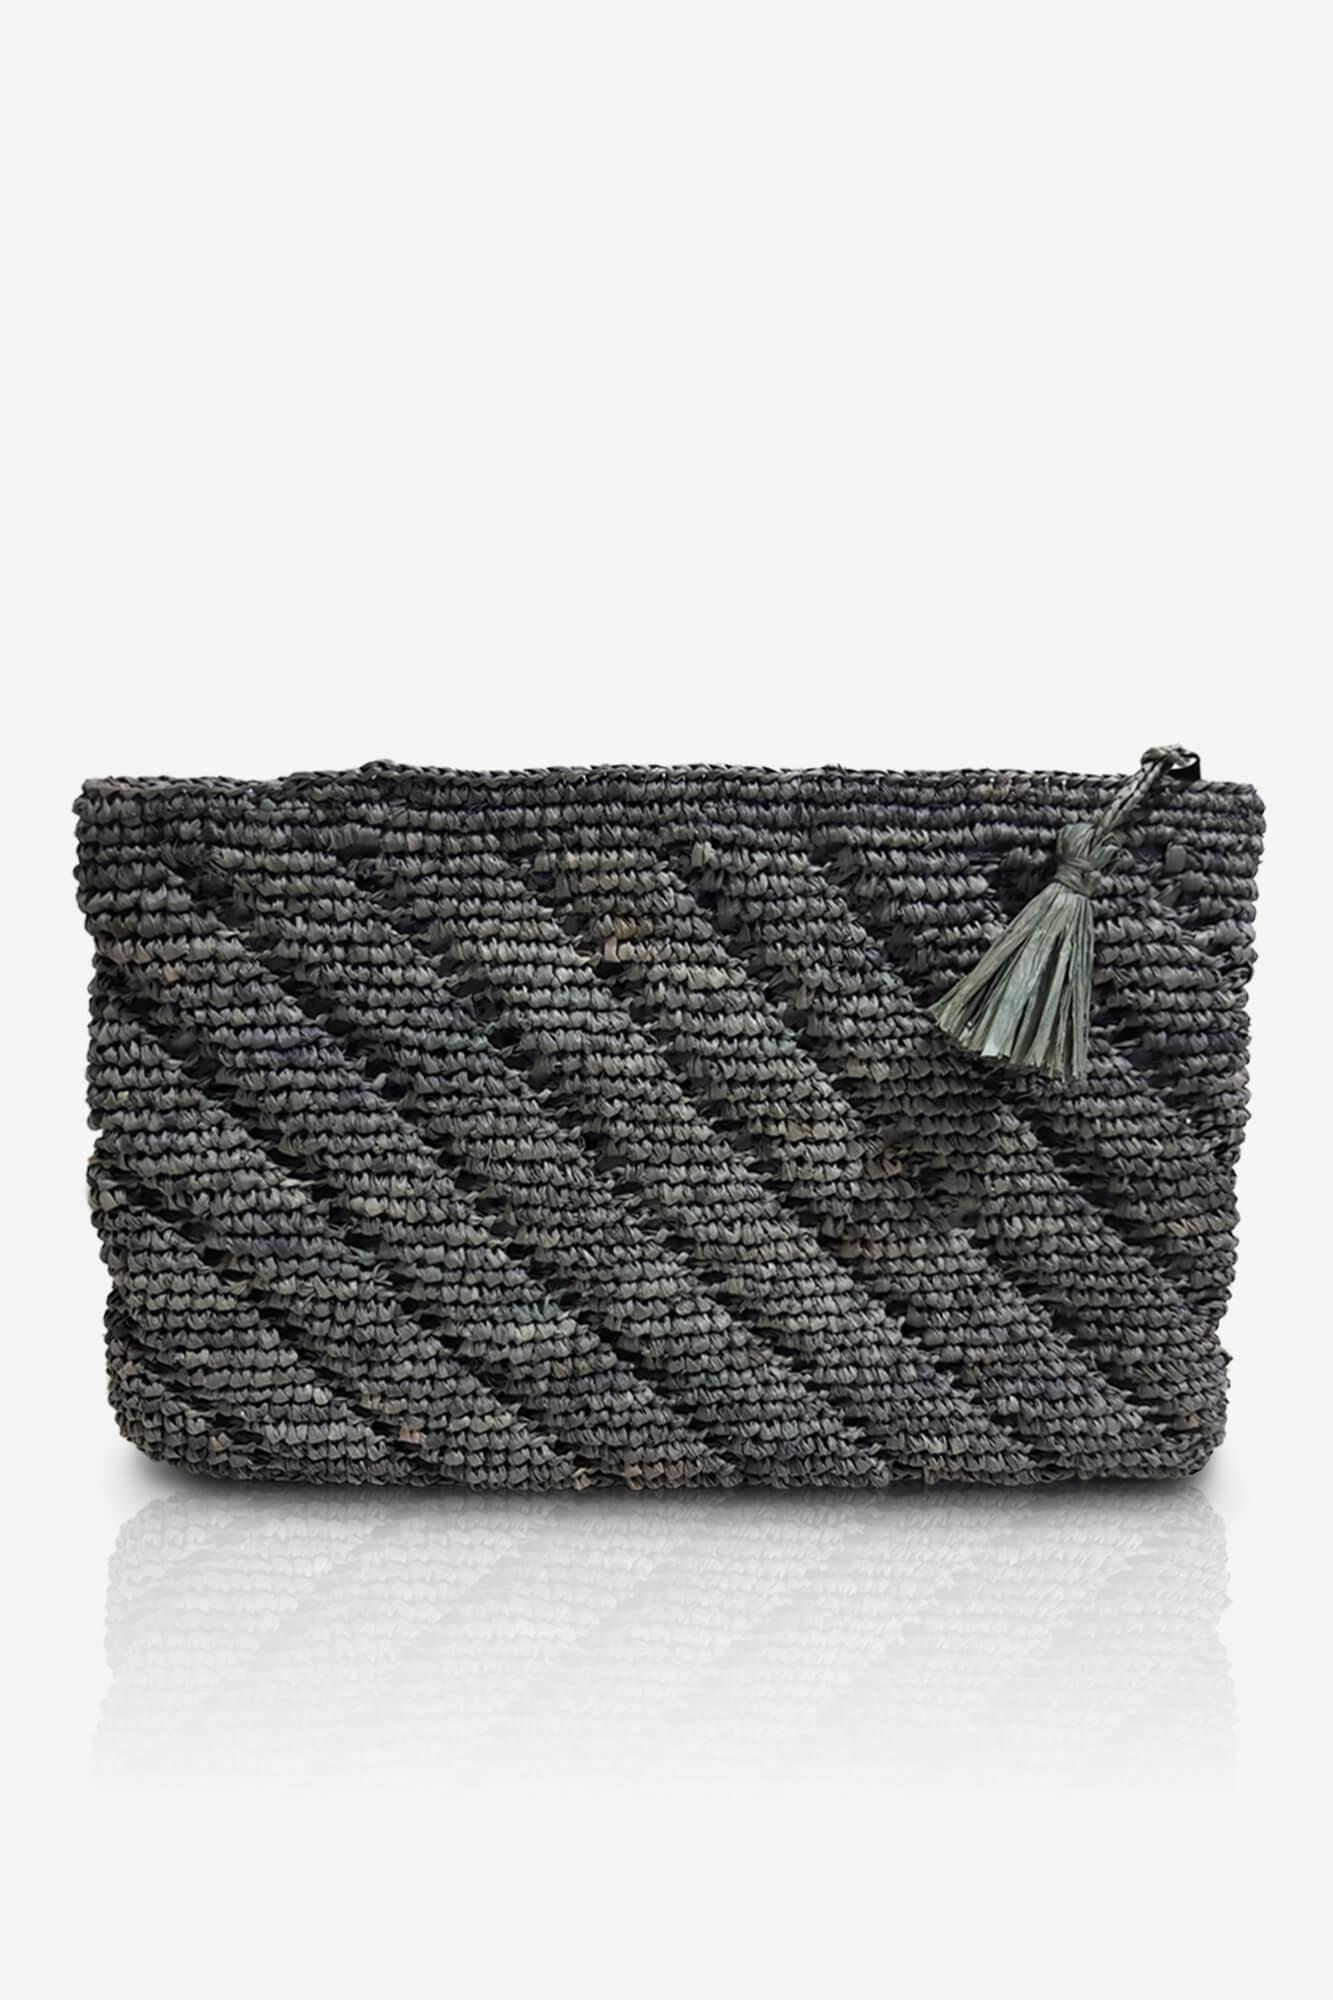 pochette plate grise en raphia avec motifs intérieur